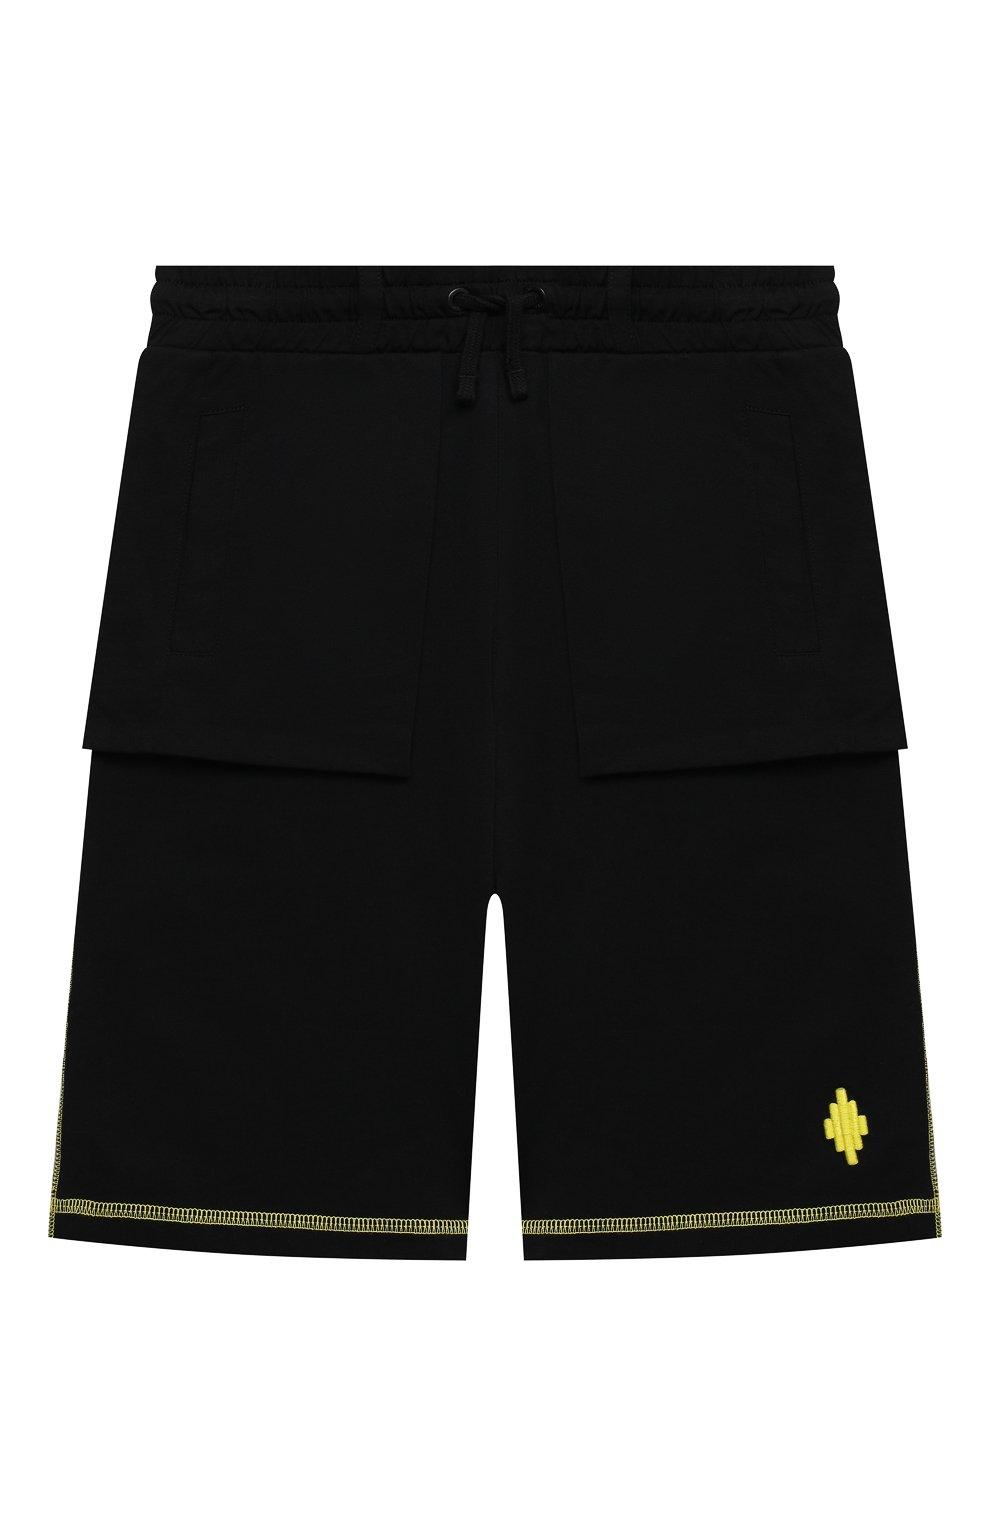 Детские хлопковые шорты MARCELO BURLON KIDS OF MILAN черного цвета, арт. 21E/B/MB/3252/0010/2-6Y | Фото 1 (Мальчики Кросс-КТ: Шорты-спорт; Материал внешний: Хлопок)